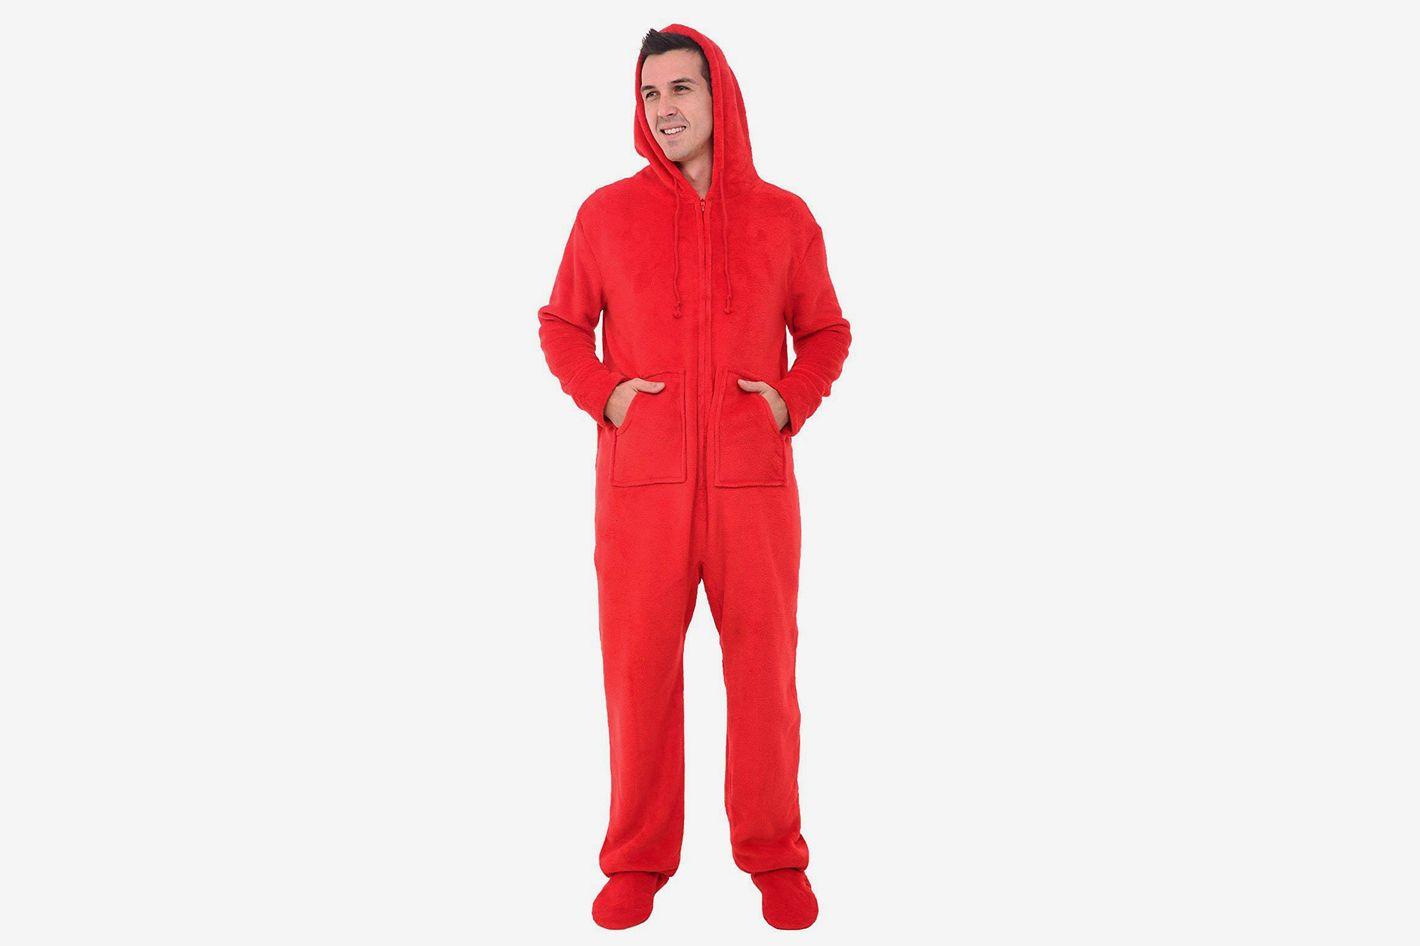 398ca7c7f Alexander Del Rossa Men's Fleece Solid Colored Onesie